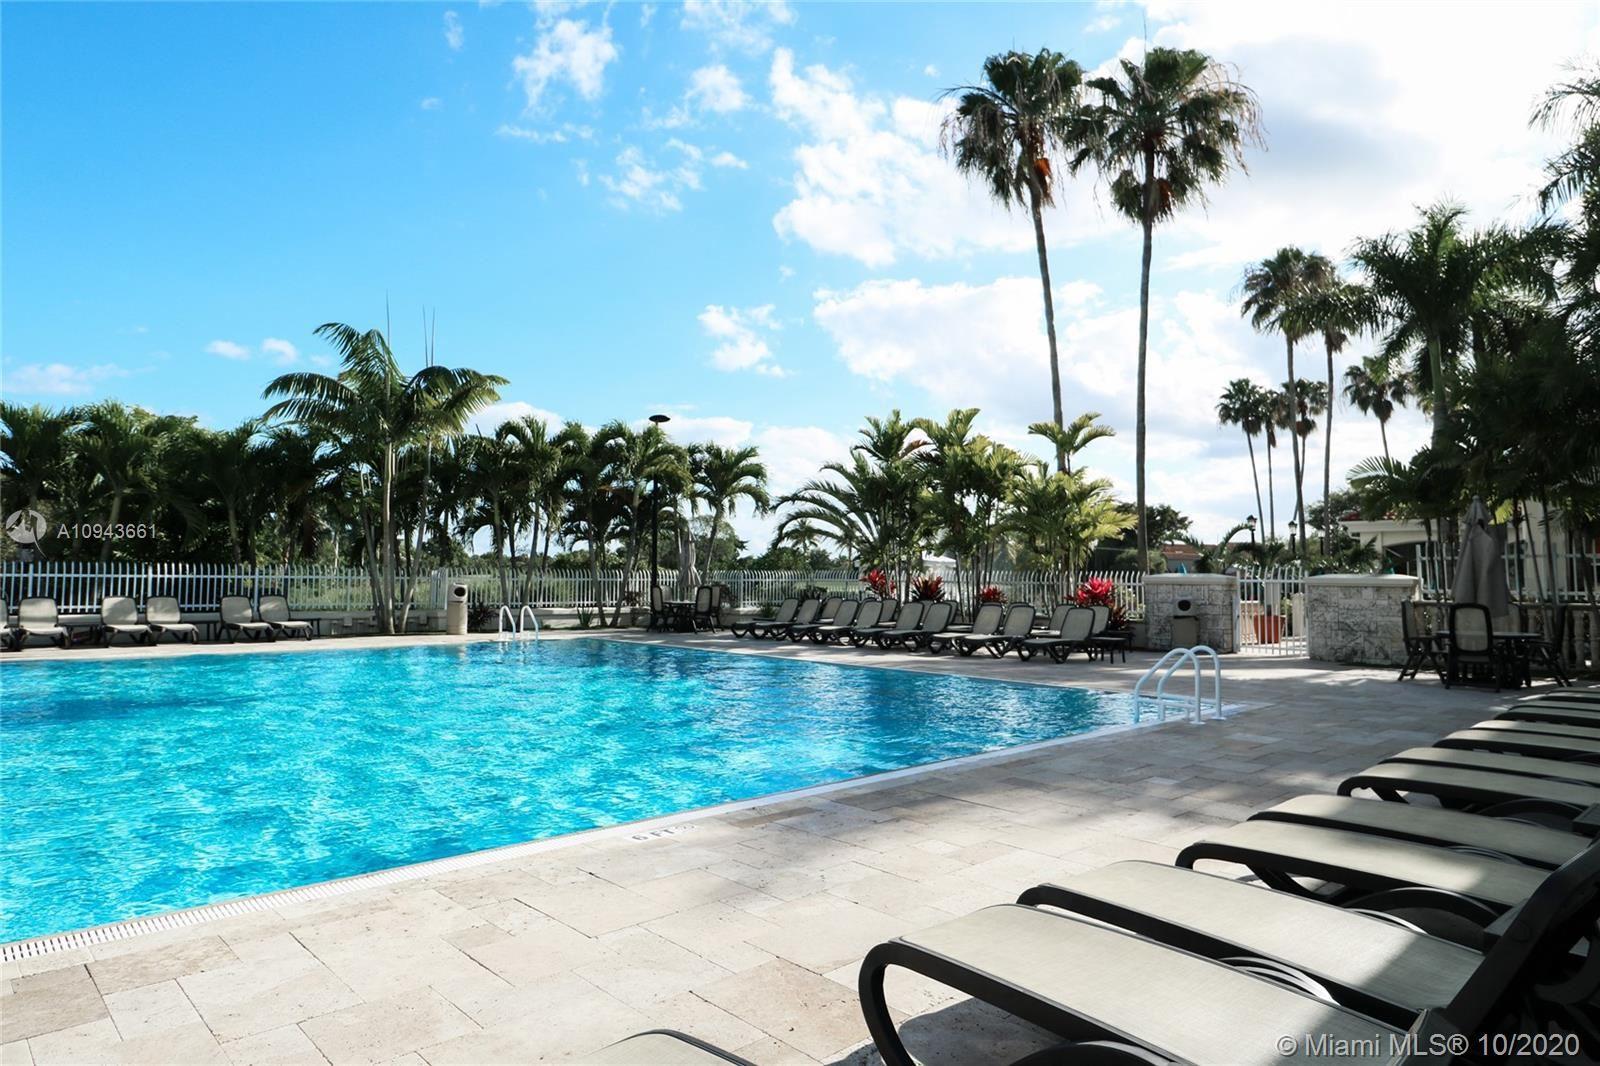 9885 NW 47th Terrace, Doral, FL 33178 - #: A10943661